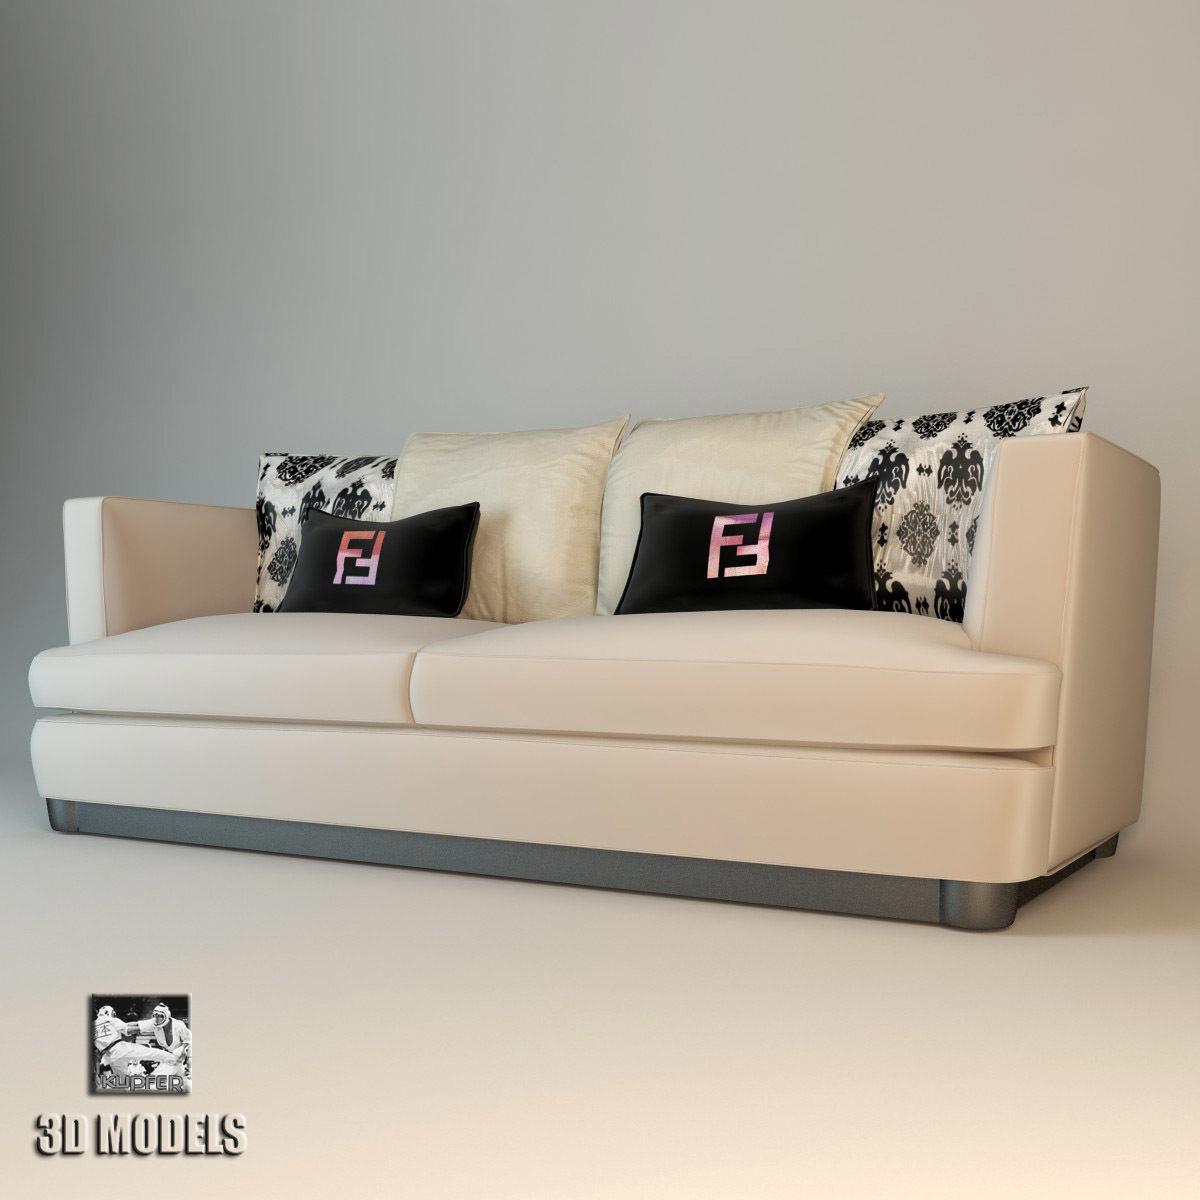 Brilliant Fendi Lotus Sofa 3D Model Andrewgaddart Wooden Chair Designs For Living Room Andrewgaddartcom